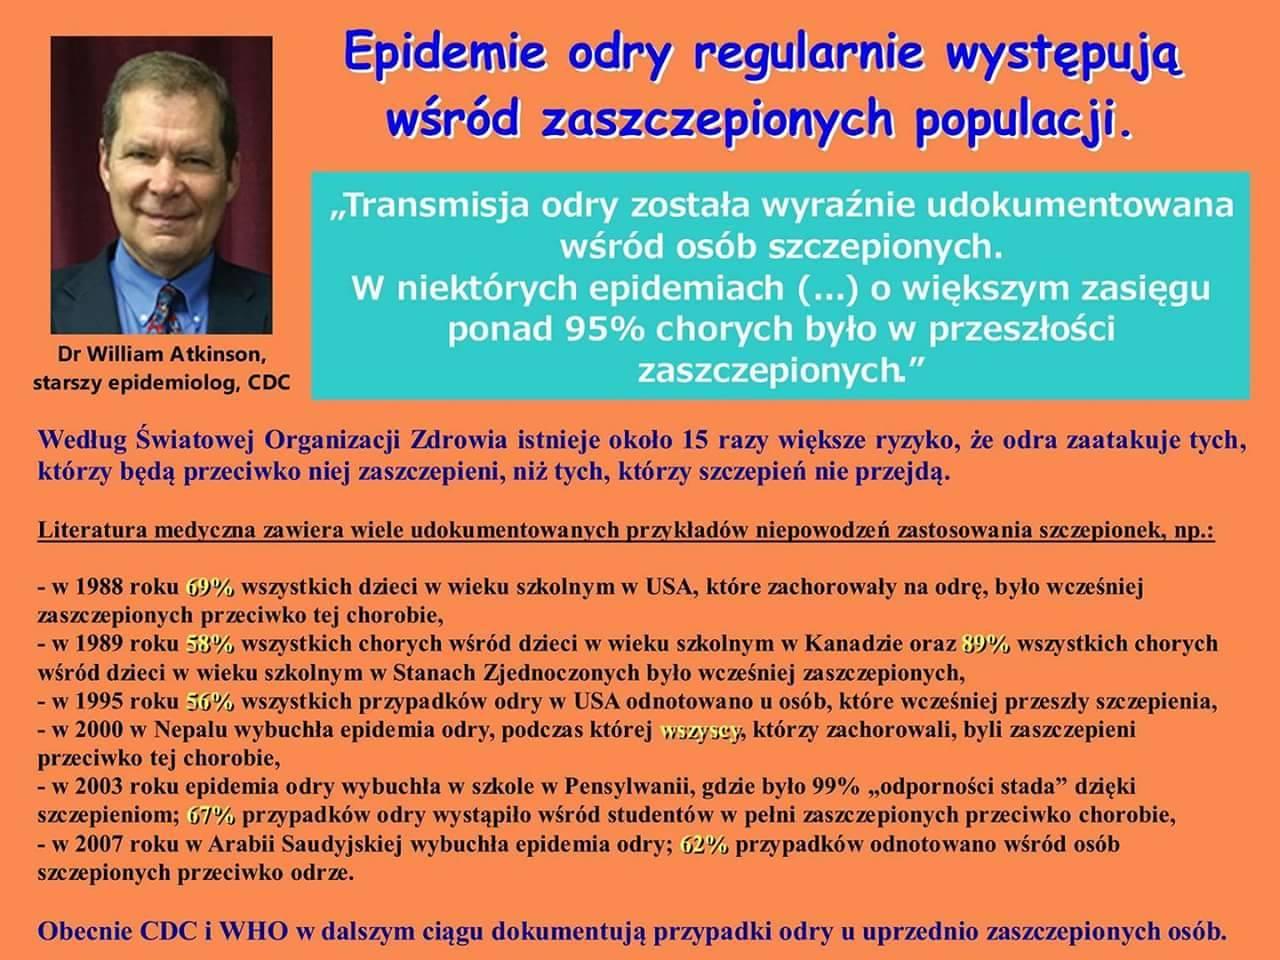 Epidemie odry regularnie występują wśród zaszczepionych populacji.